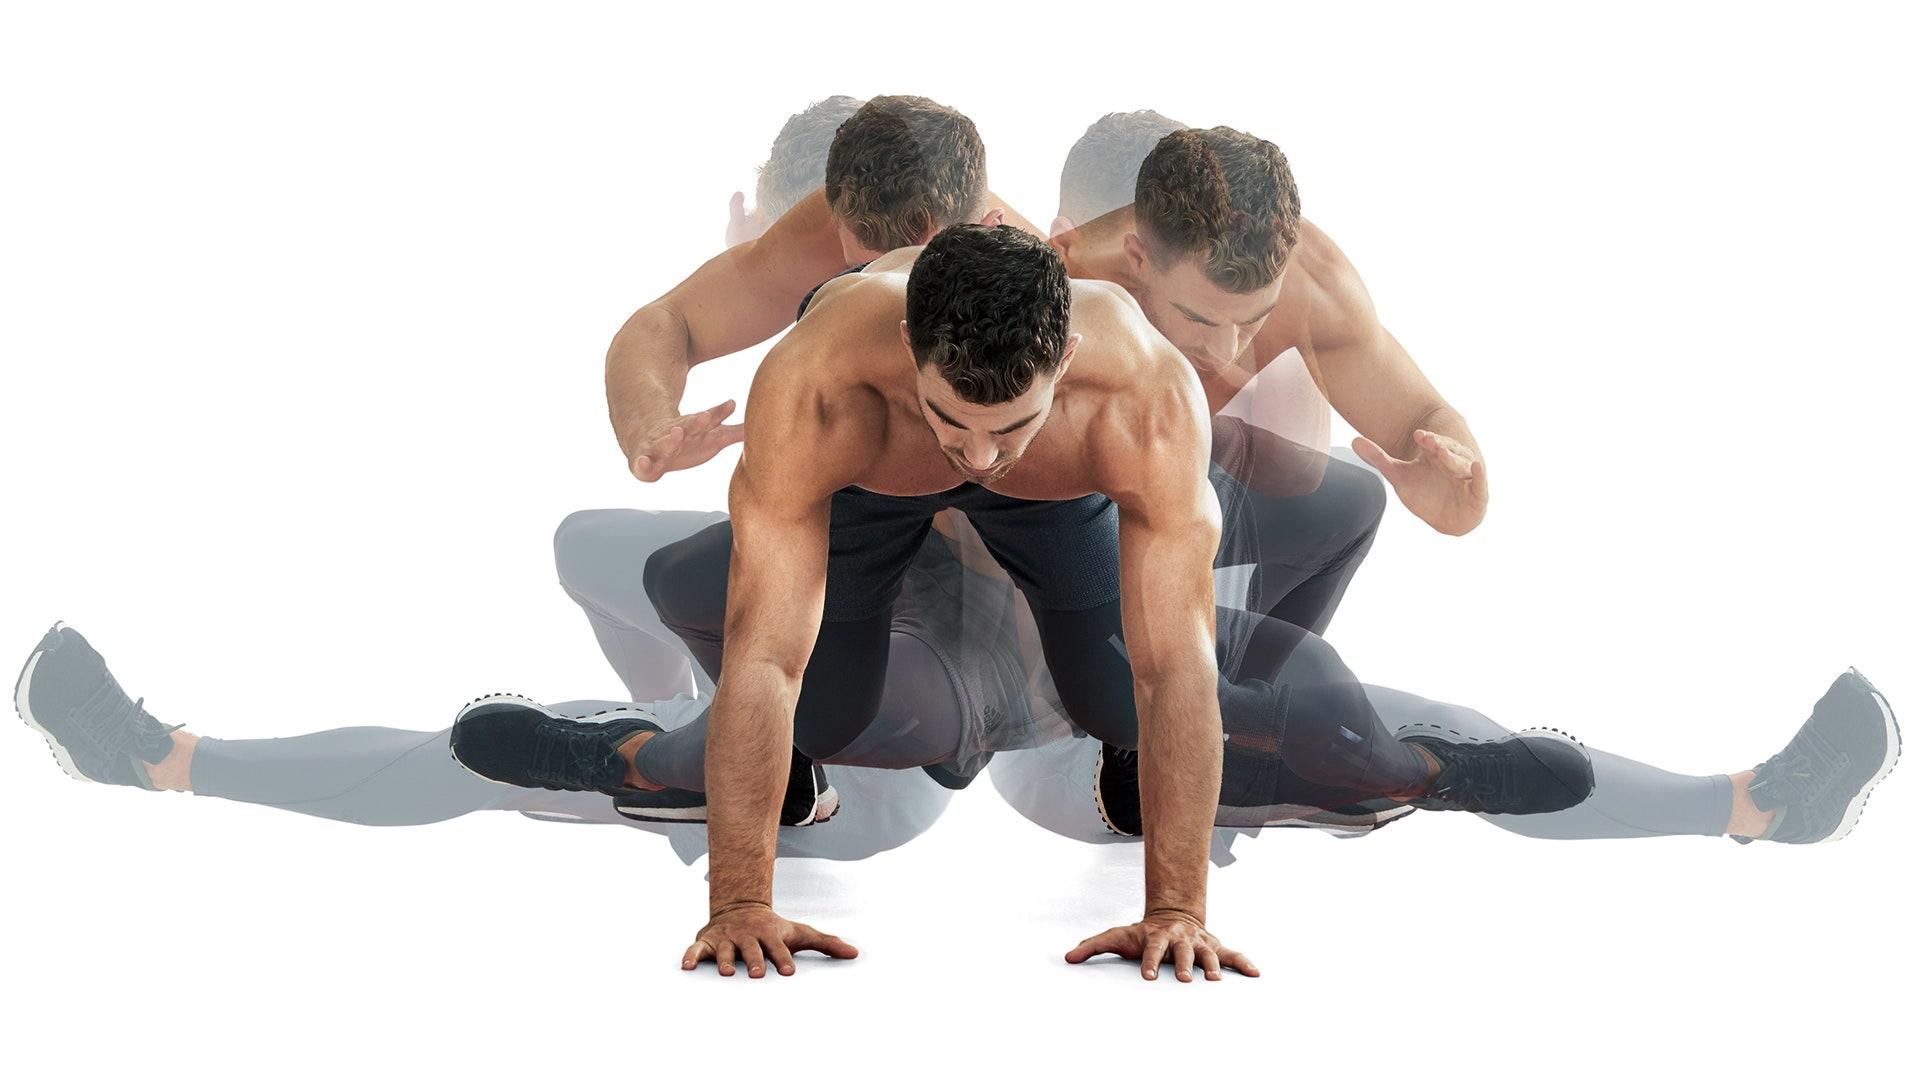 bài tập thể dục Tabata.